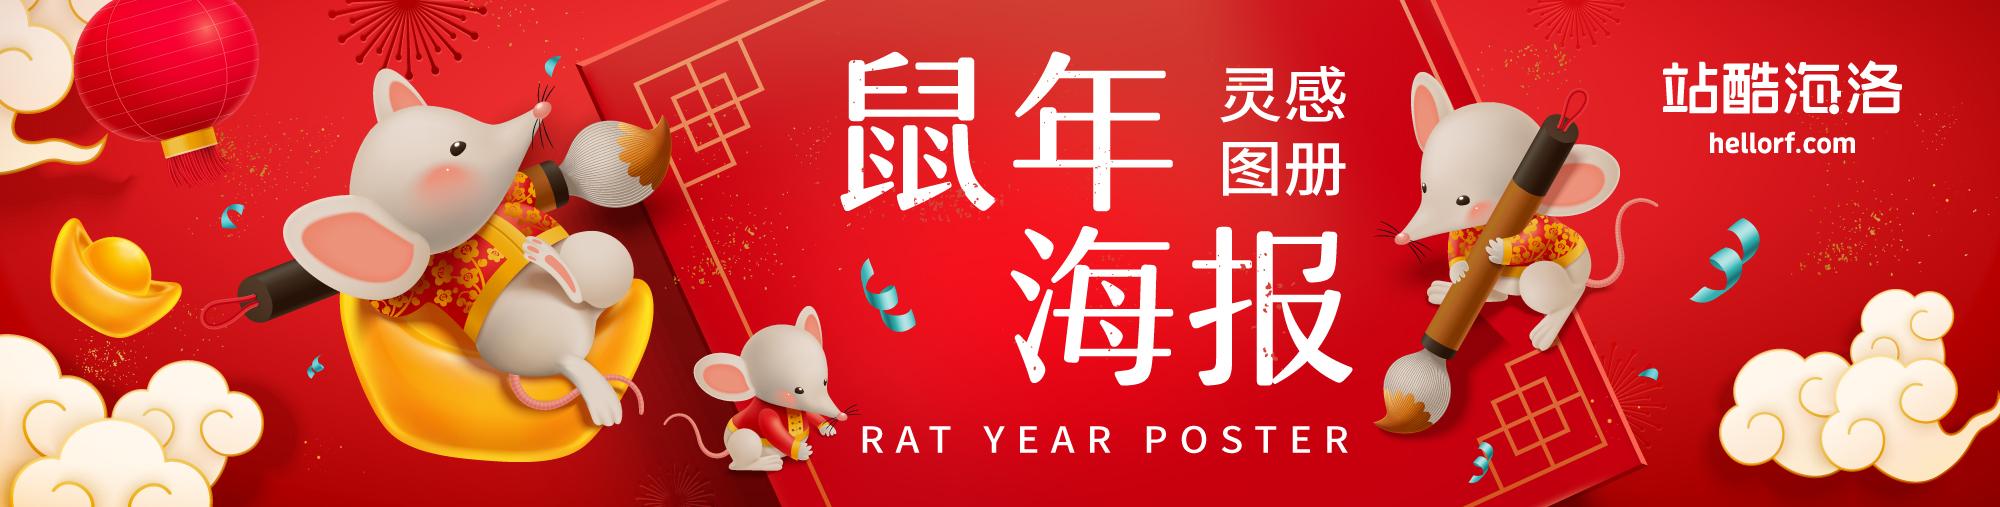 2000-507鼠年海报.jpg